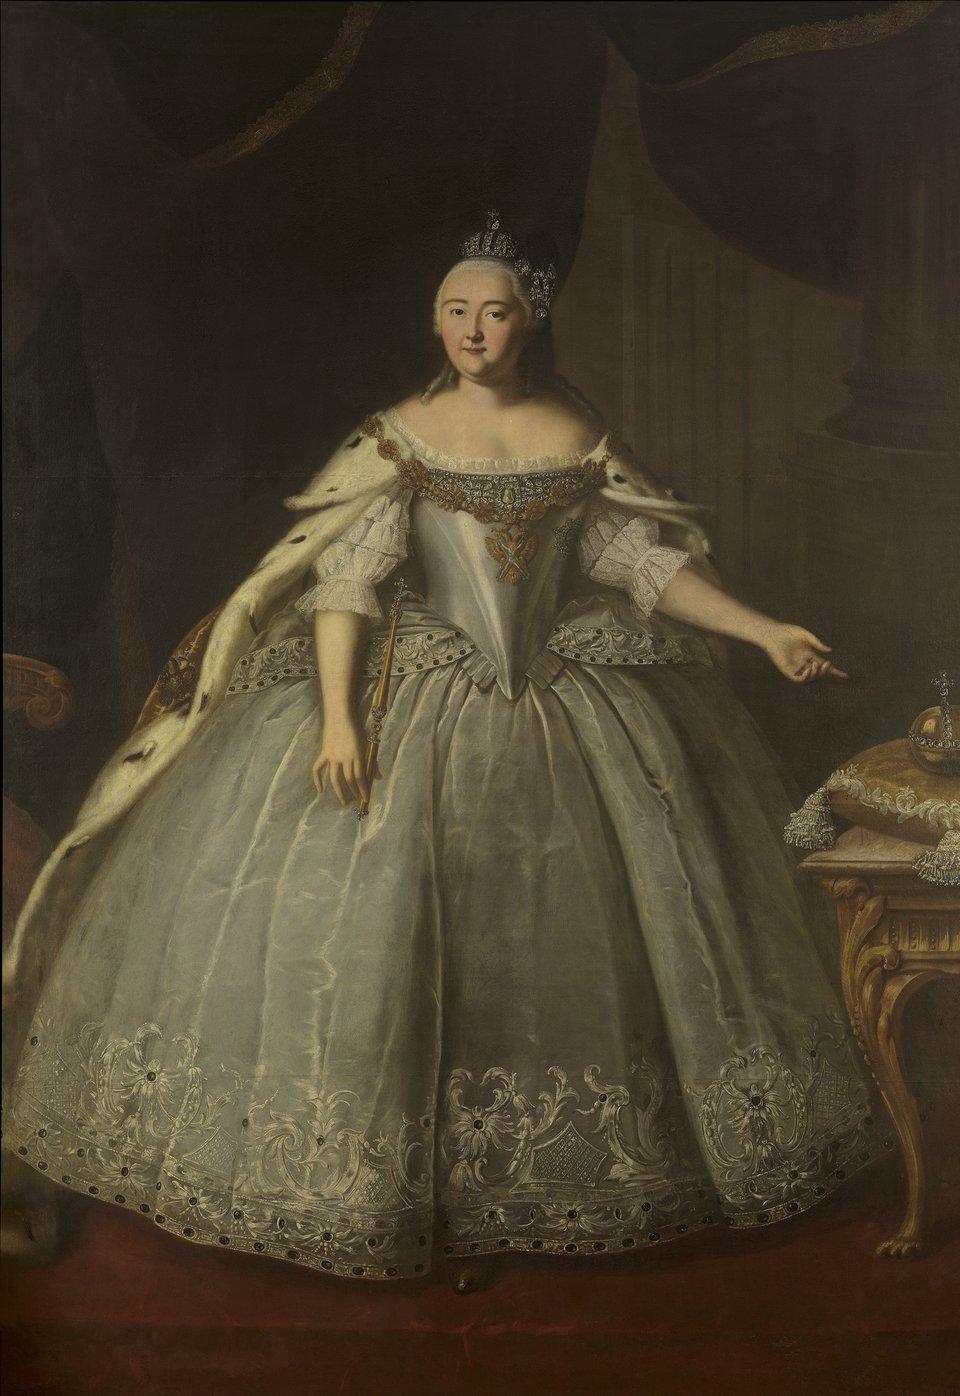 Portret carycy Elżbiety z1743r. Portret carycy Elżbiety z1743r. Źródło: Ivan Vishnyakov, 1743, olej na płótnie, Tretyakov Gallery, Moscow, domena publiczna.